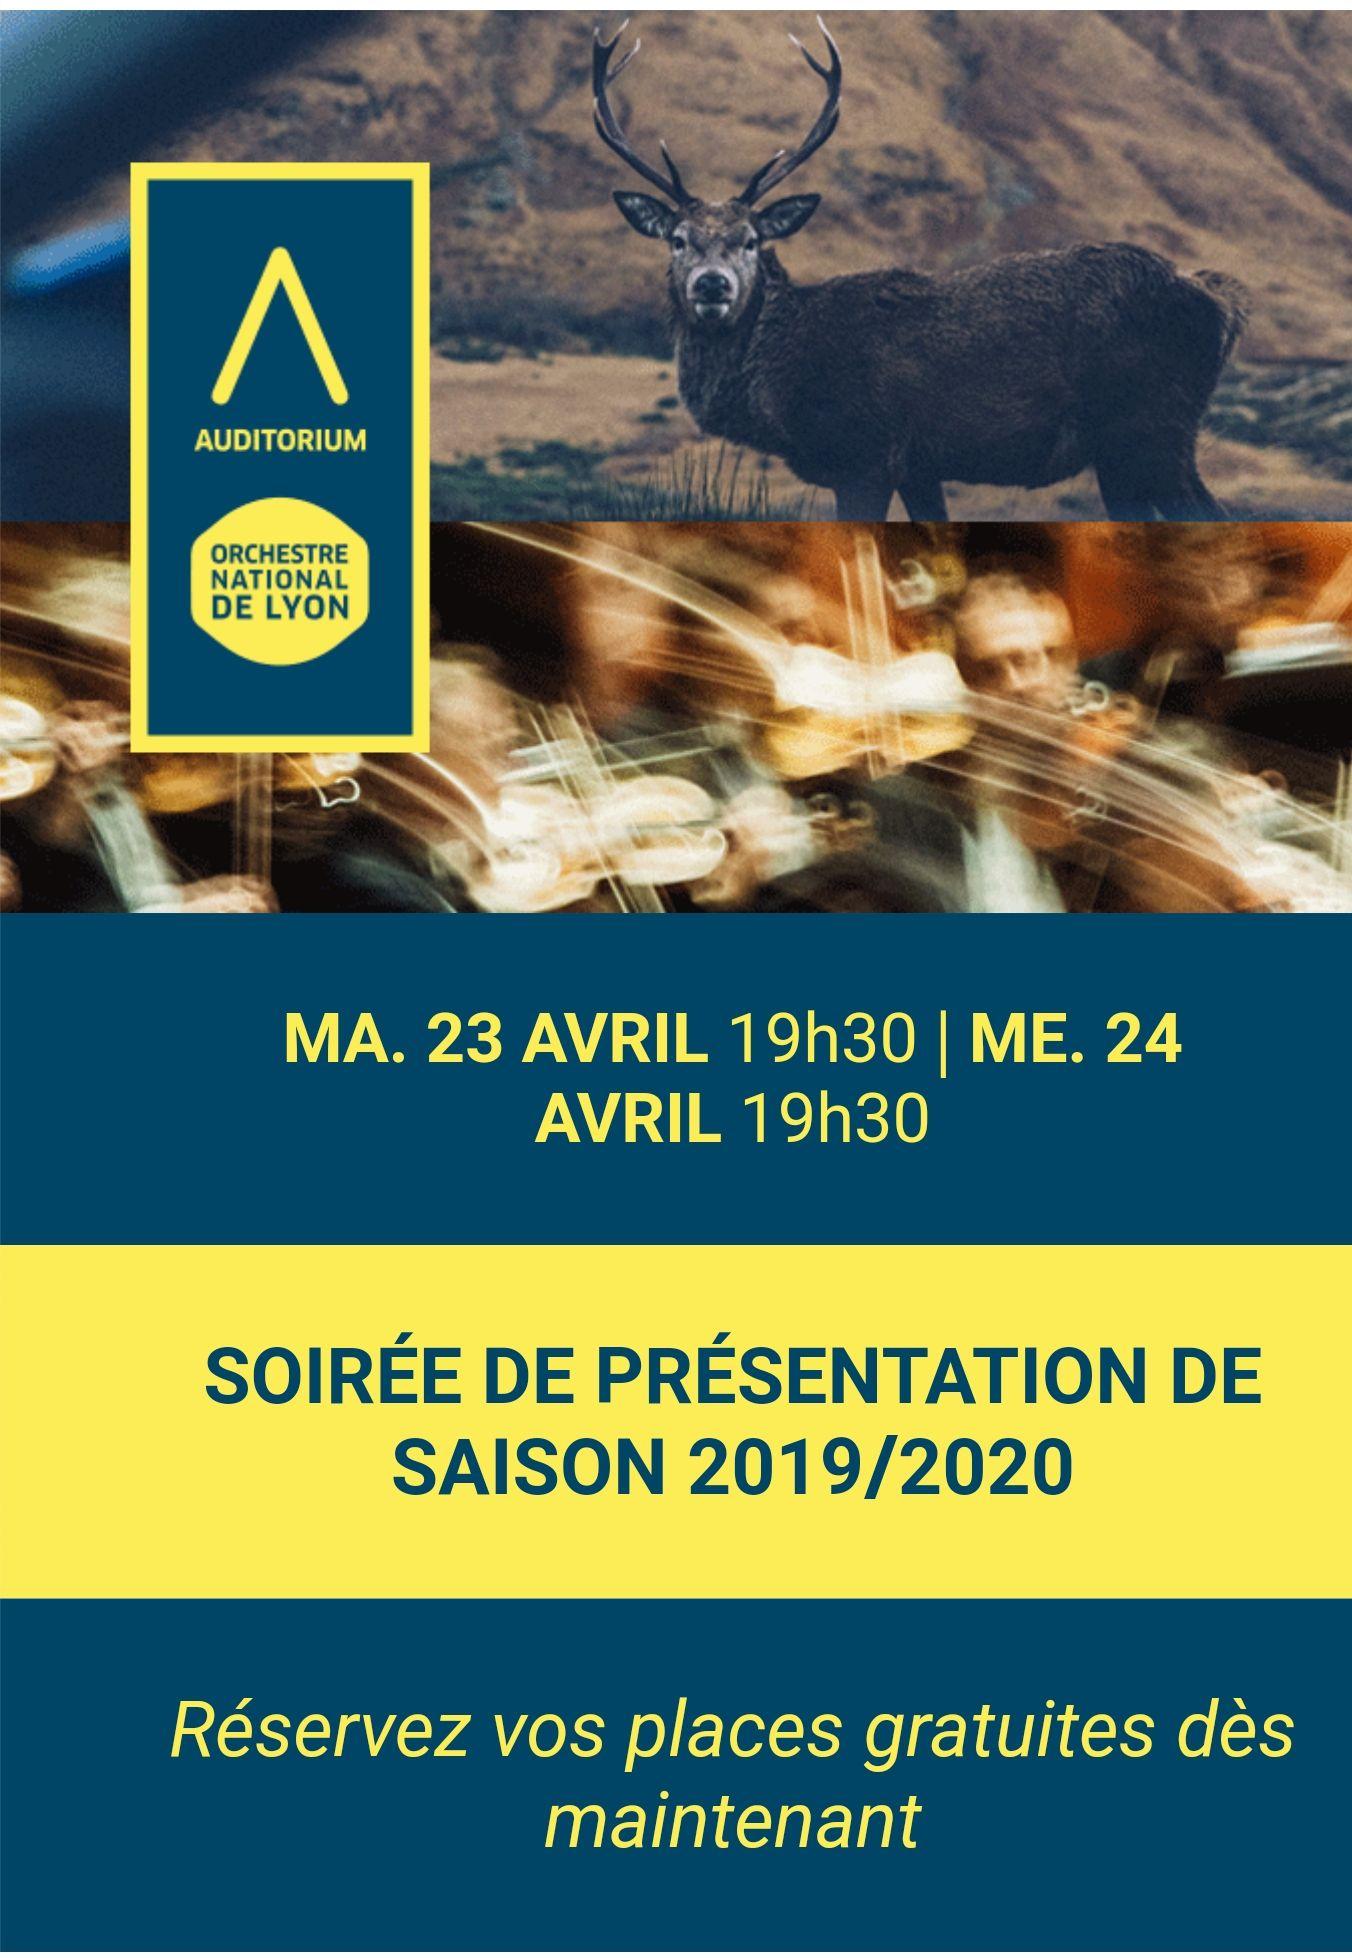 Présentation de Saison 2019/2020 à l'Auditorium de Lyon (69)